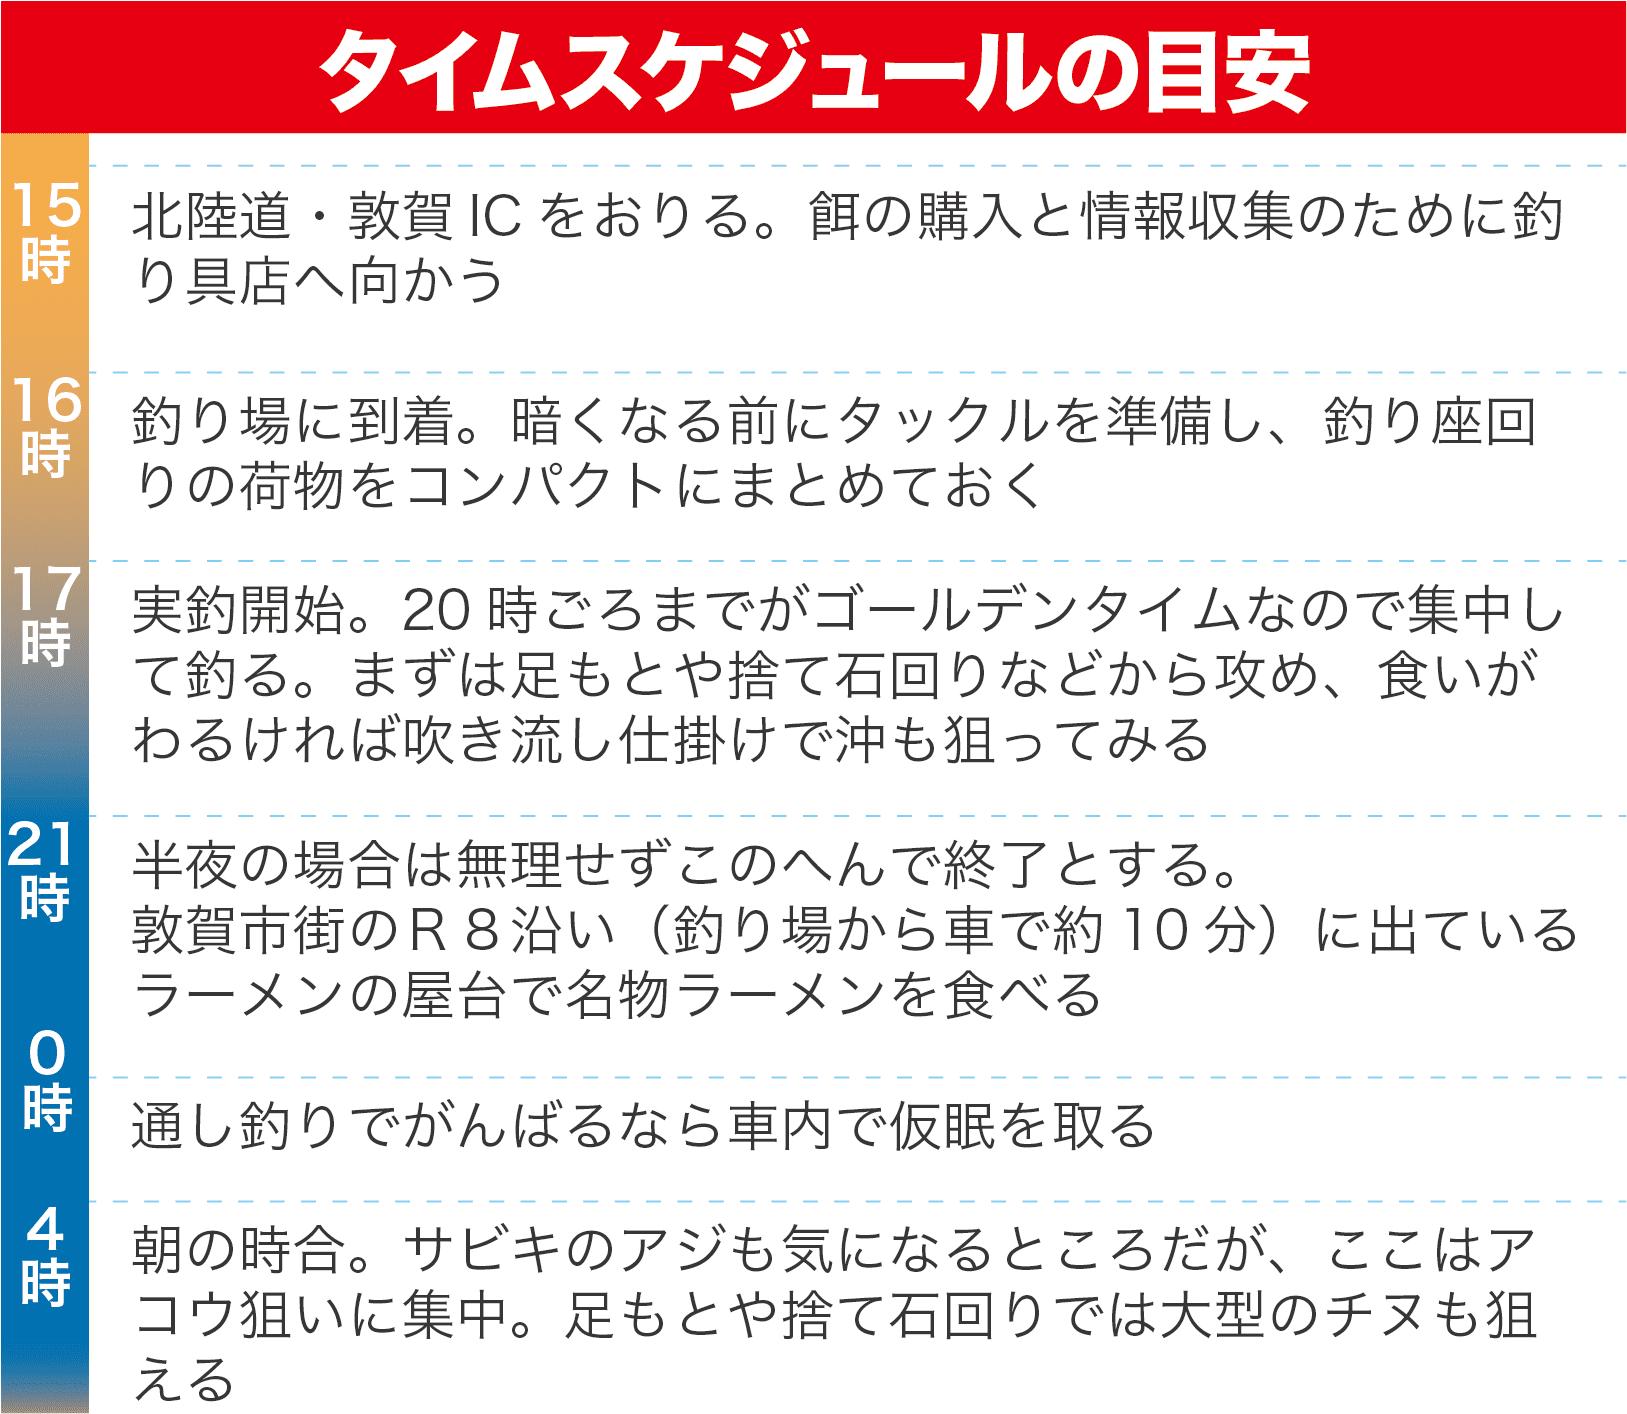 鞠山海遊パークアコウ9